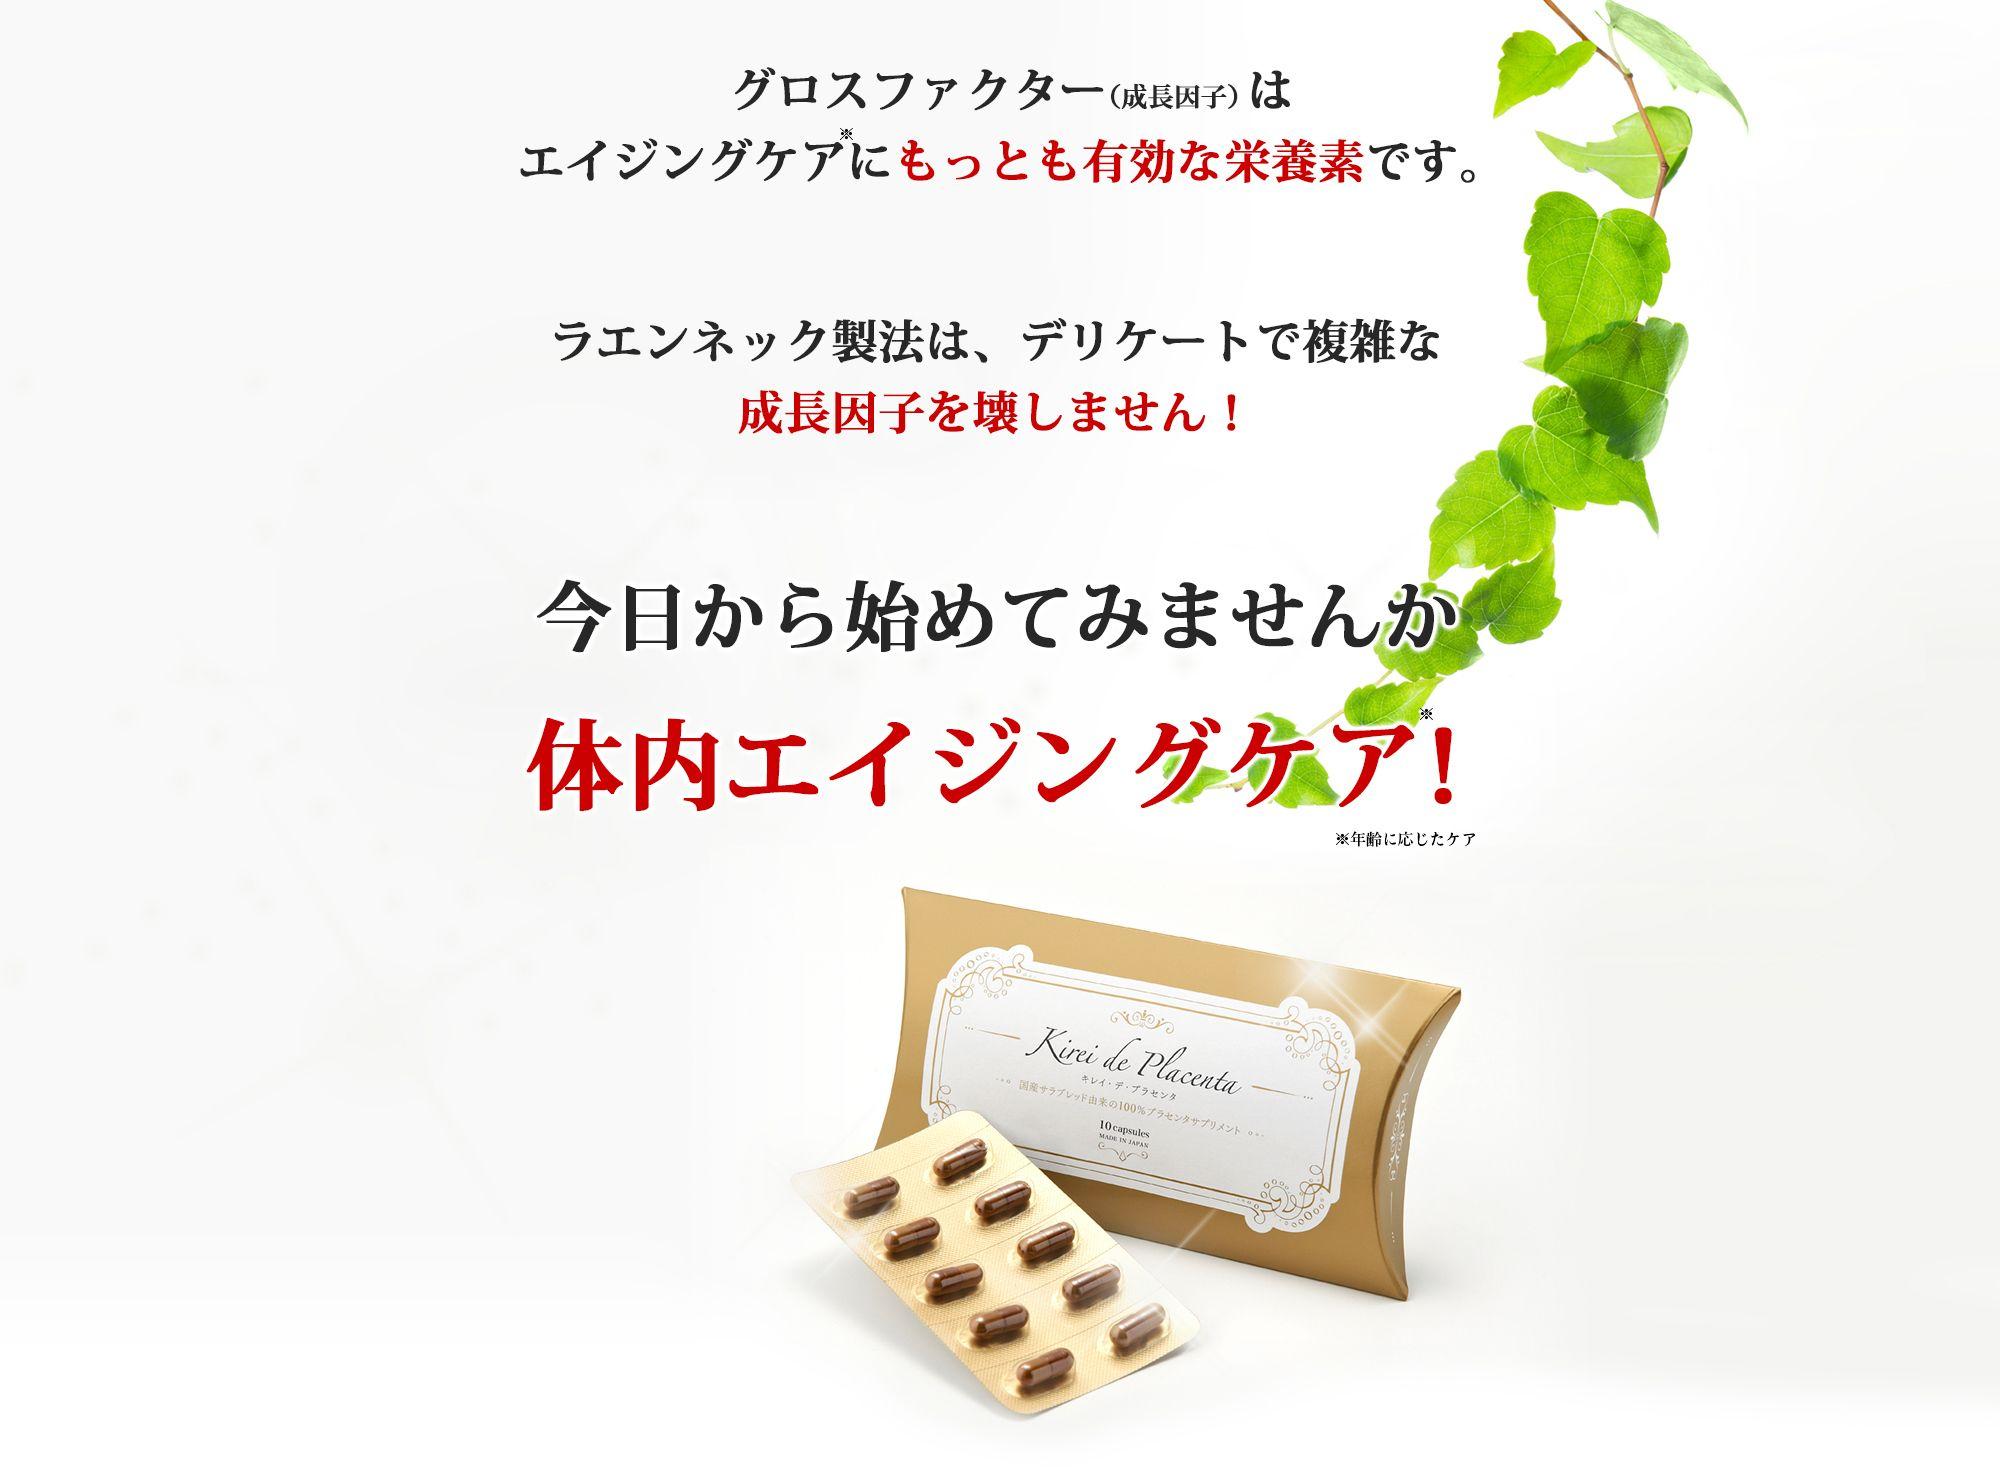 グロスファクター(成長因子)はエイジングケアに最も有効な栄養素です。ラエンネック製法は、デリケートで複雑な成長因子を壊しません!今日から初めてみませんか体内エイジングケア!